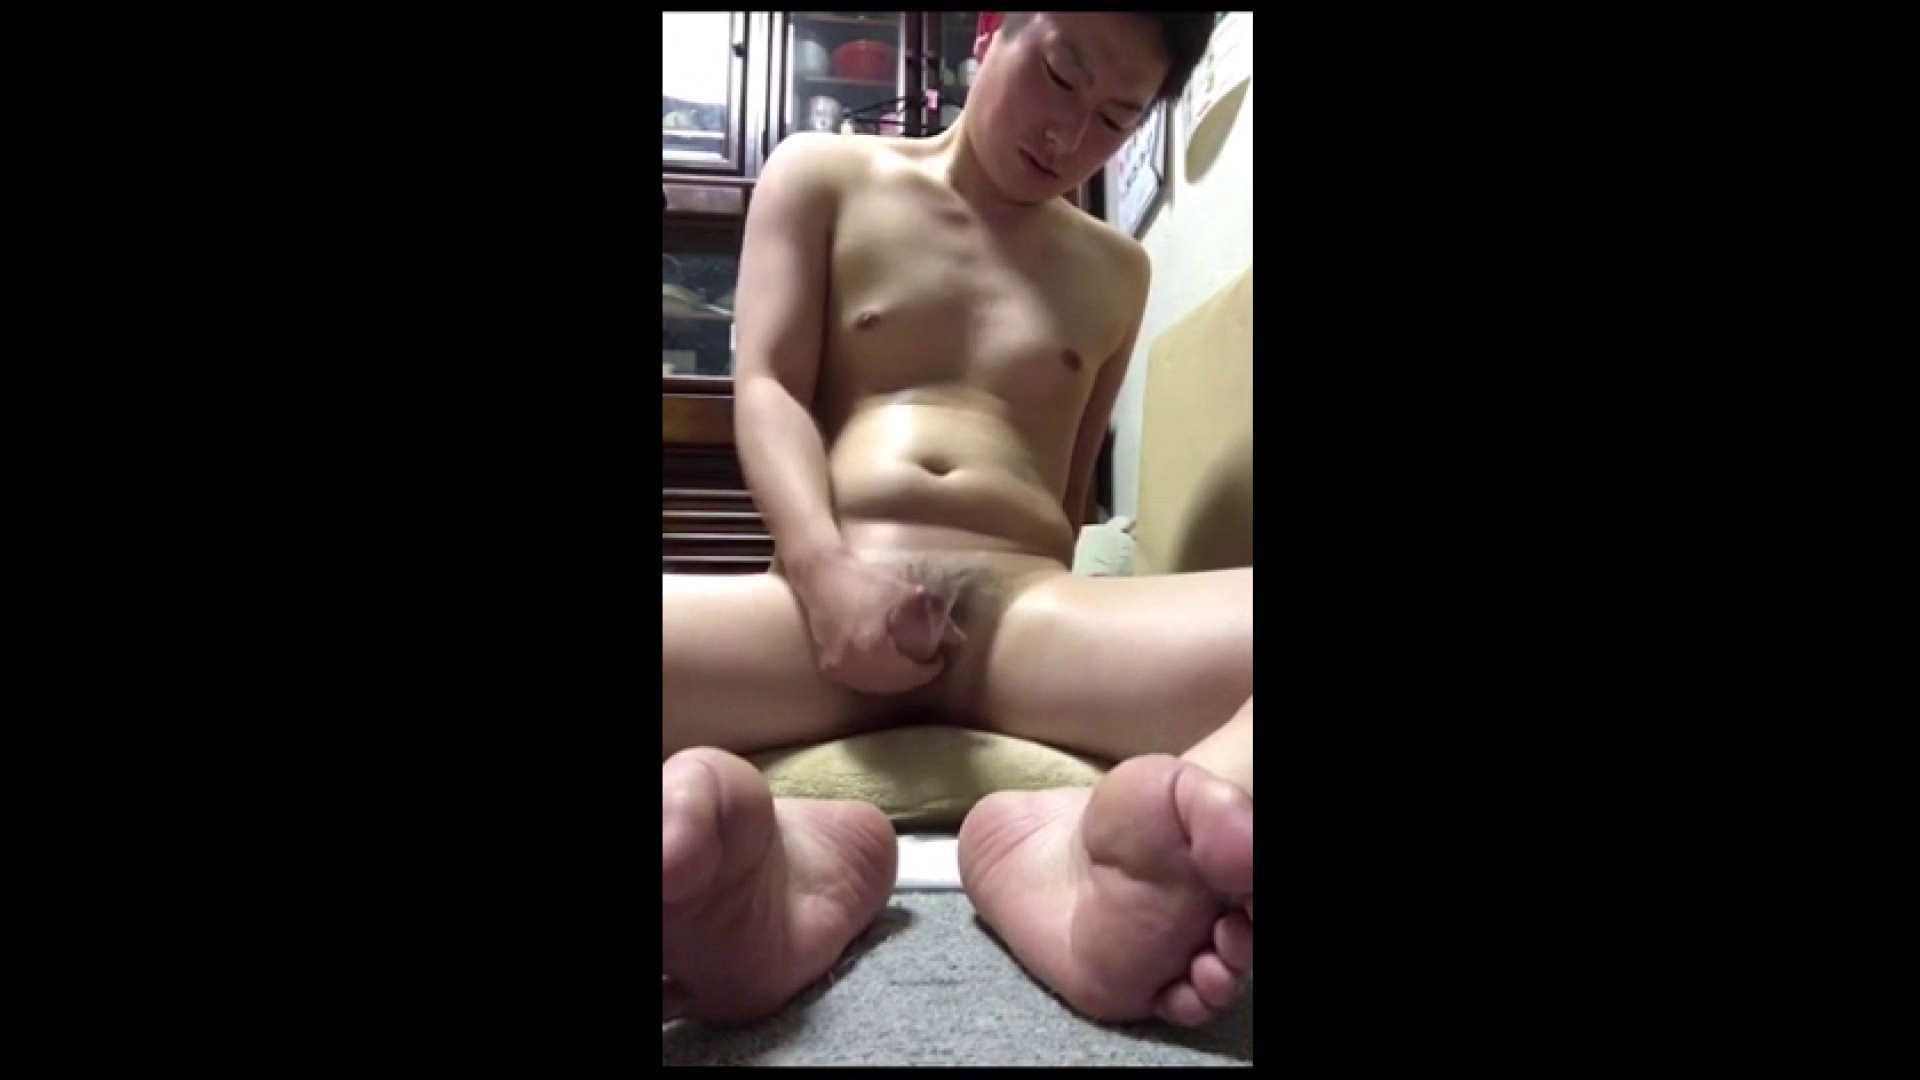 個人撮影 自慰の極意 Vol.51 個人撮影 ゲイエロ動画 66pic 18